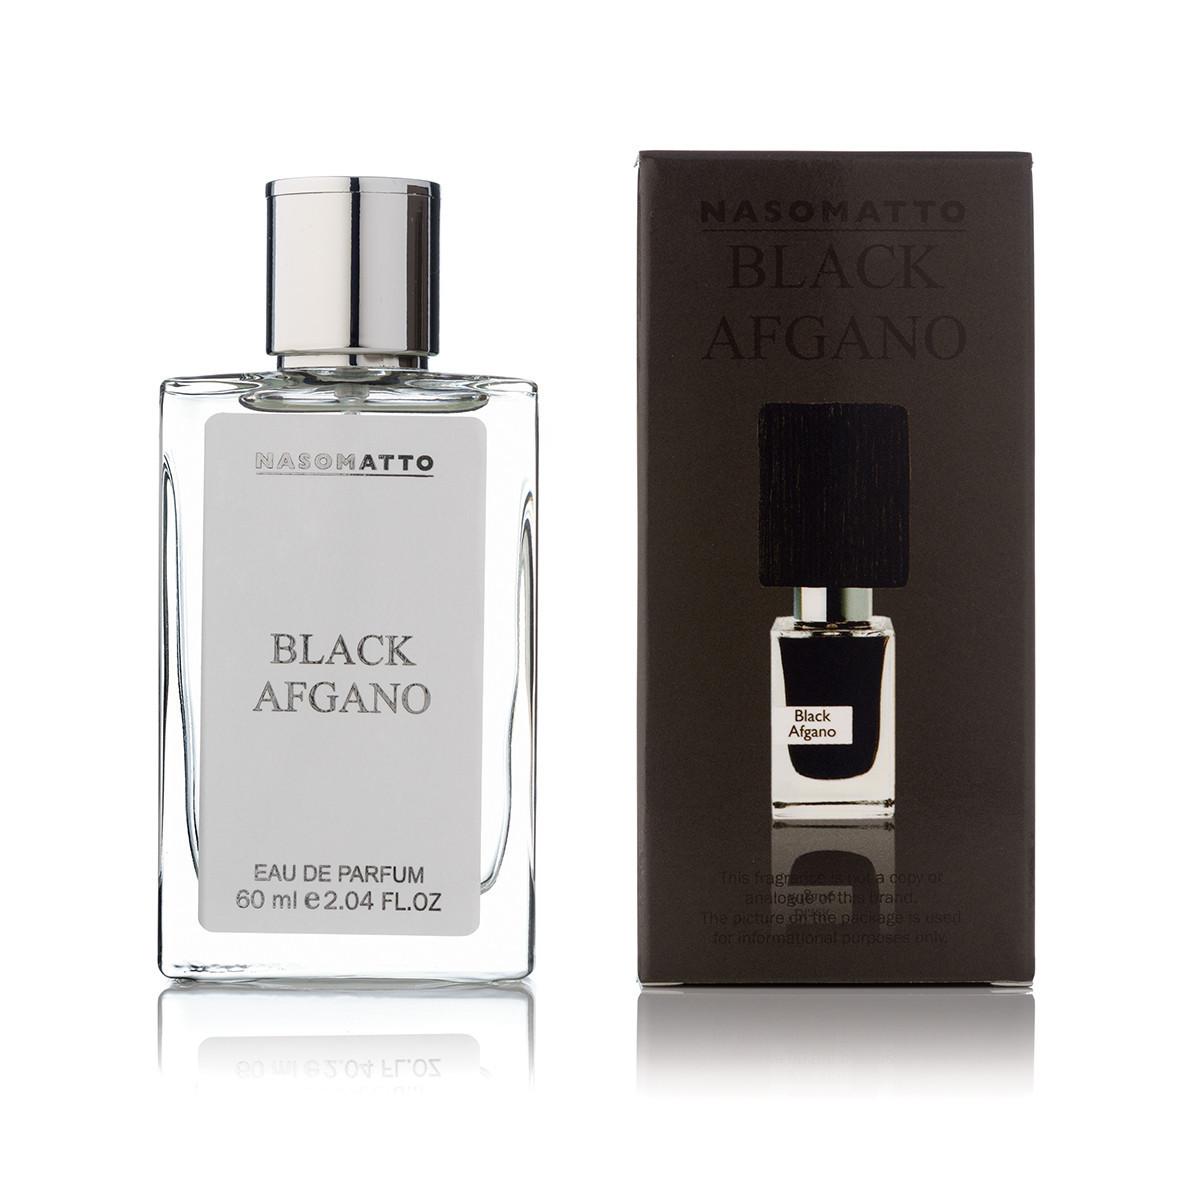 Nasomatto Black Afgano - Travel Spray 60ml